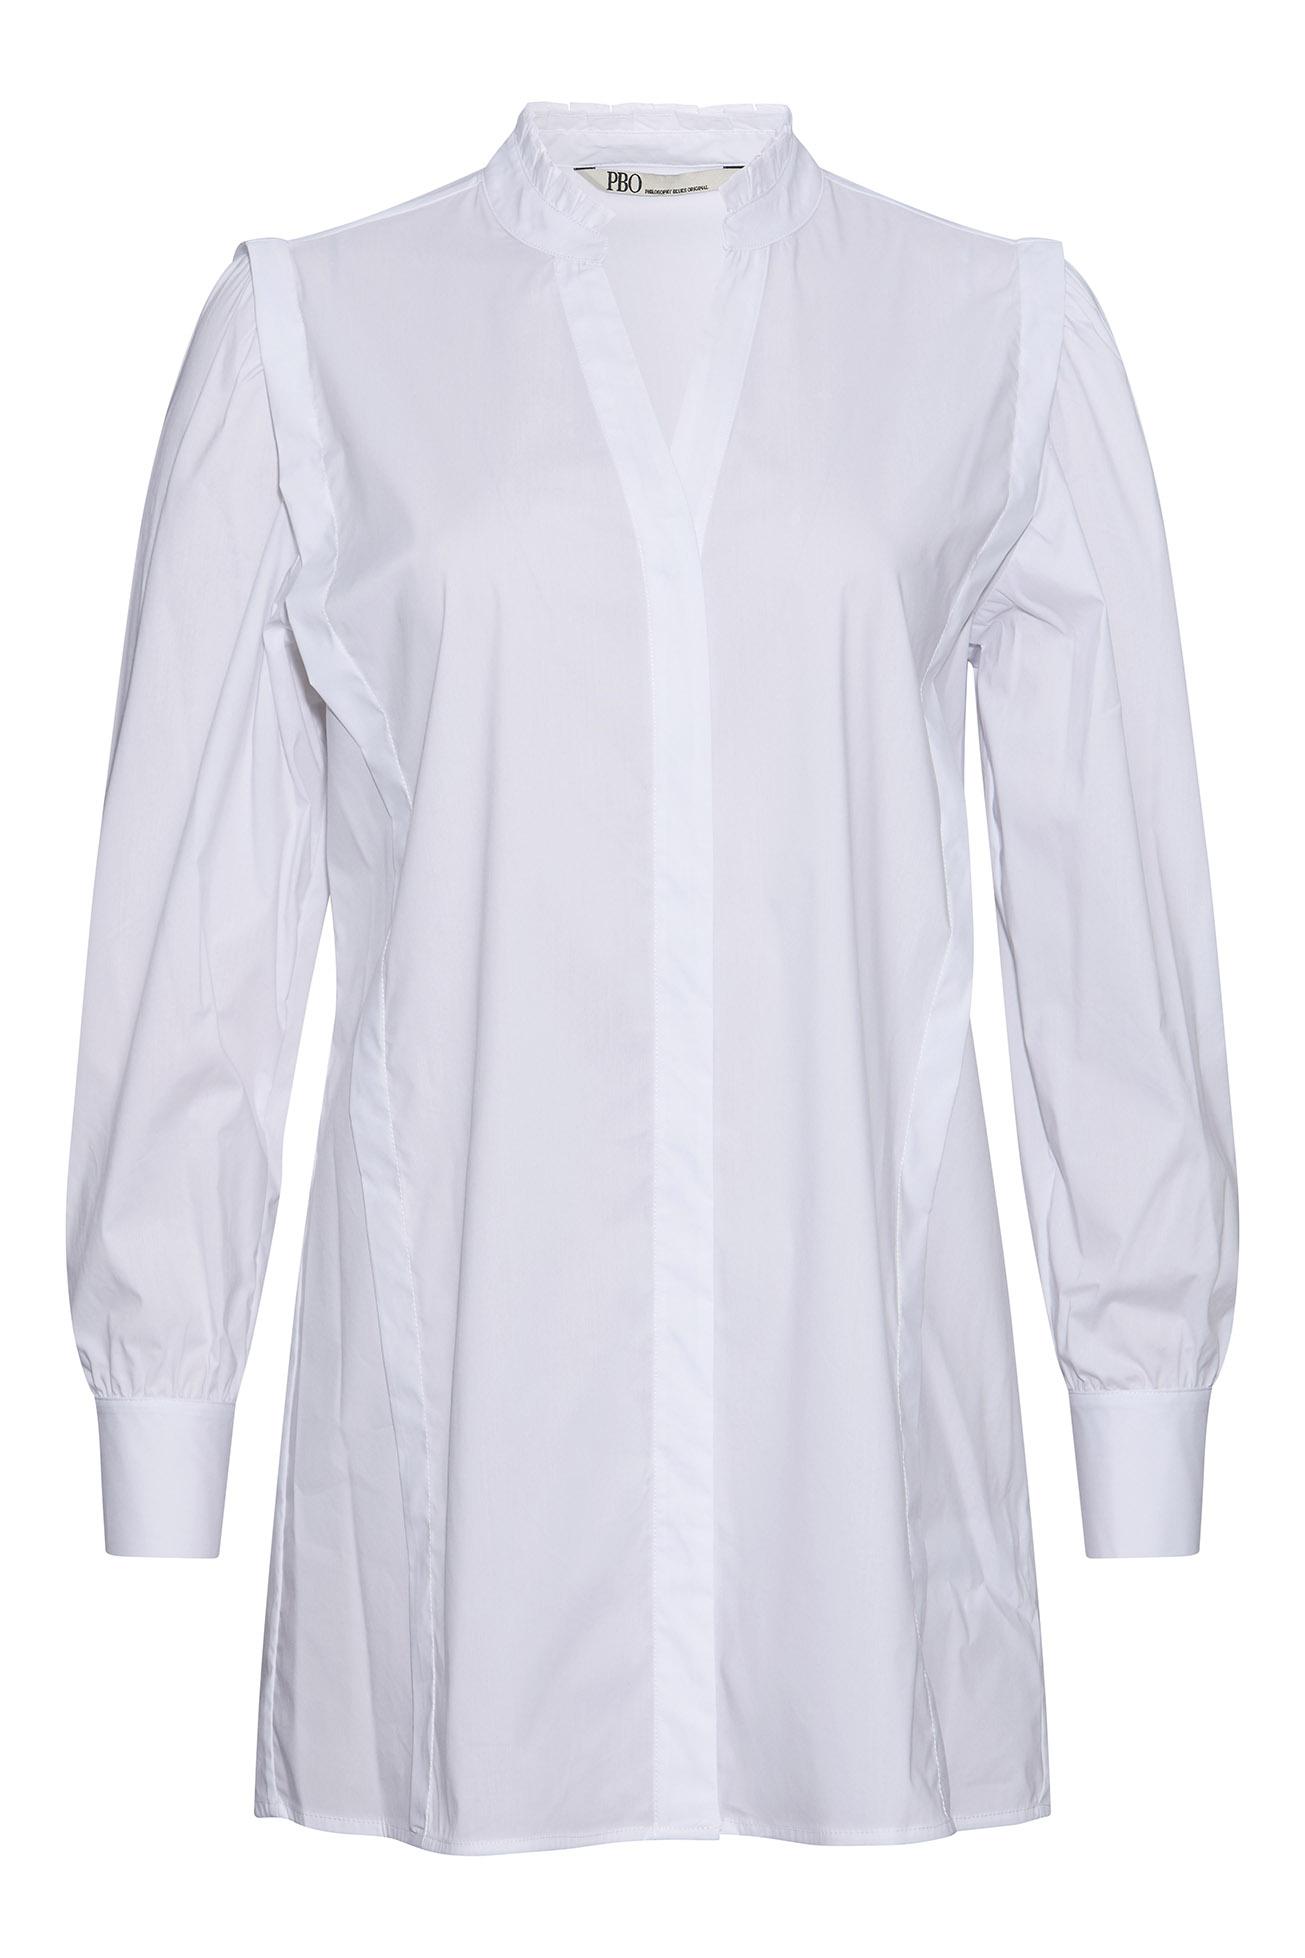 PBO Marlon lang skjorte, white, 34